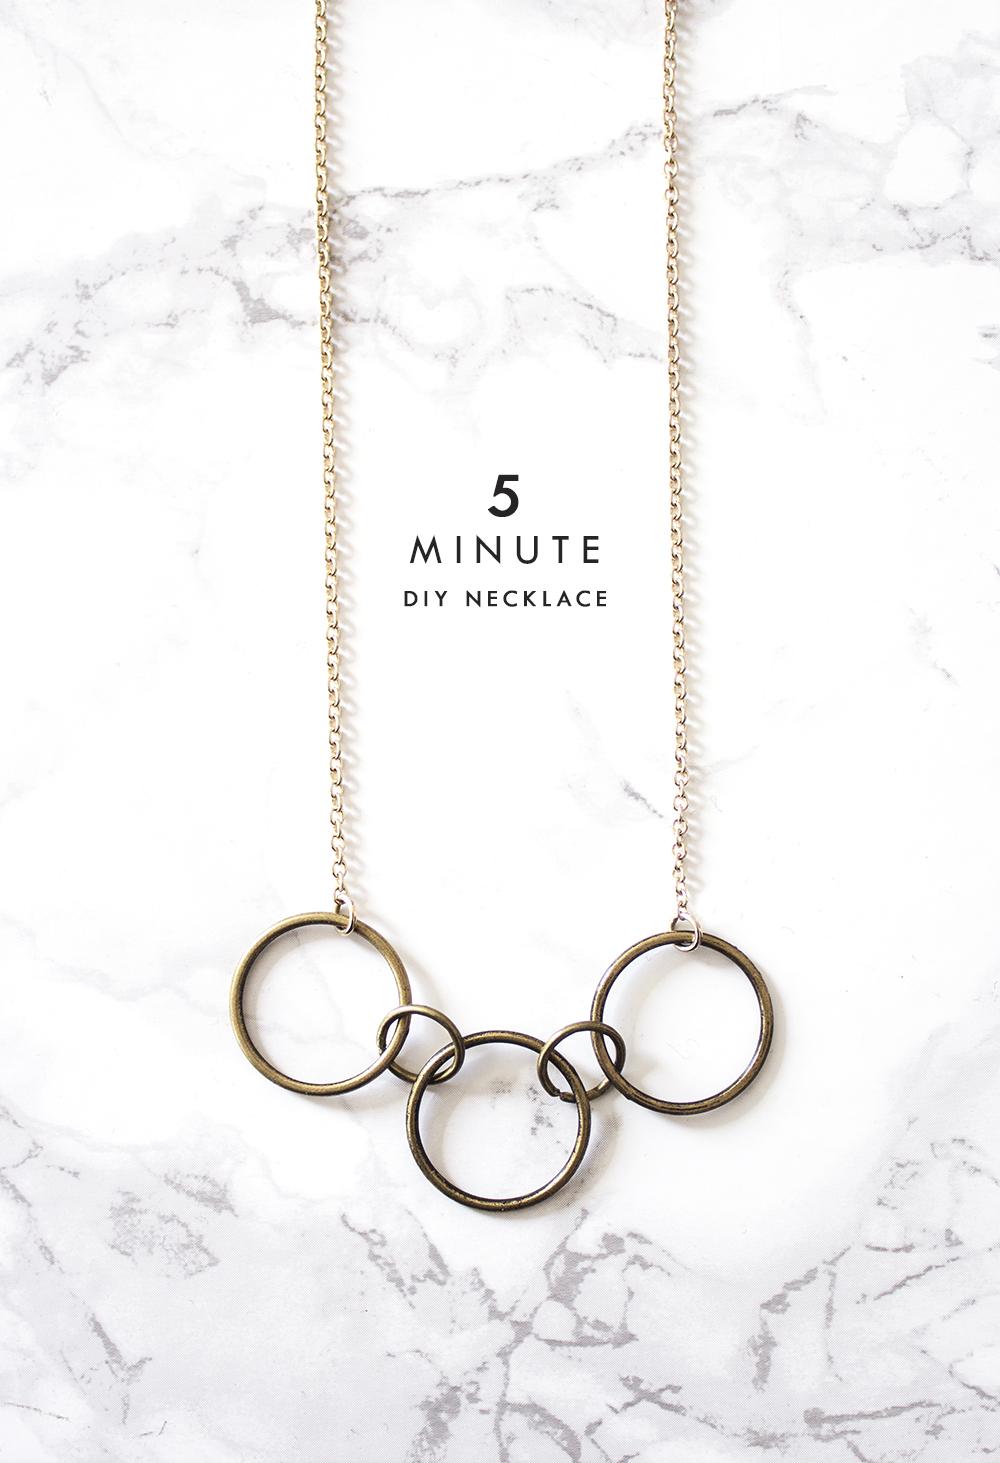 5-minute-DIY-necklace1